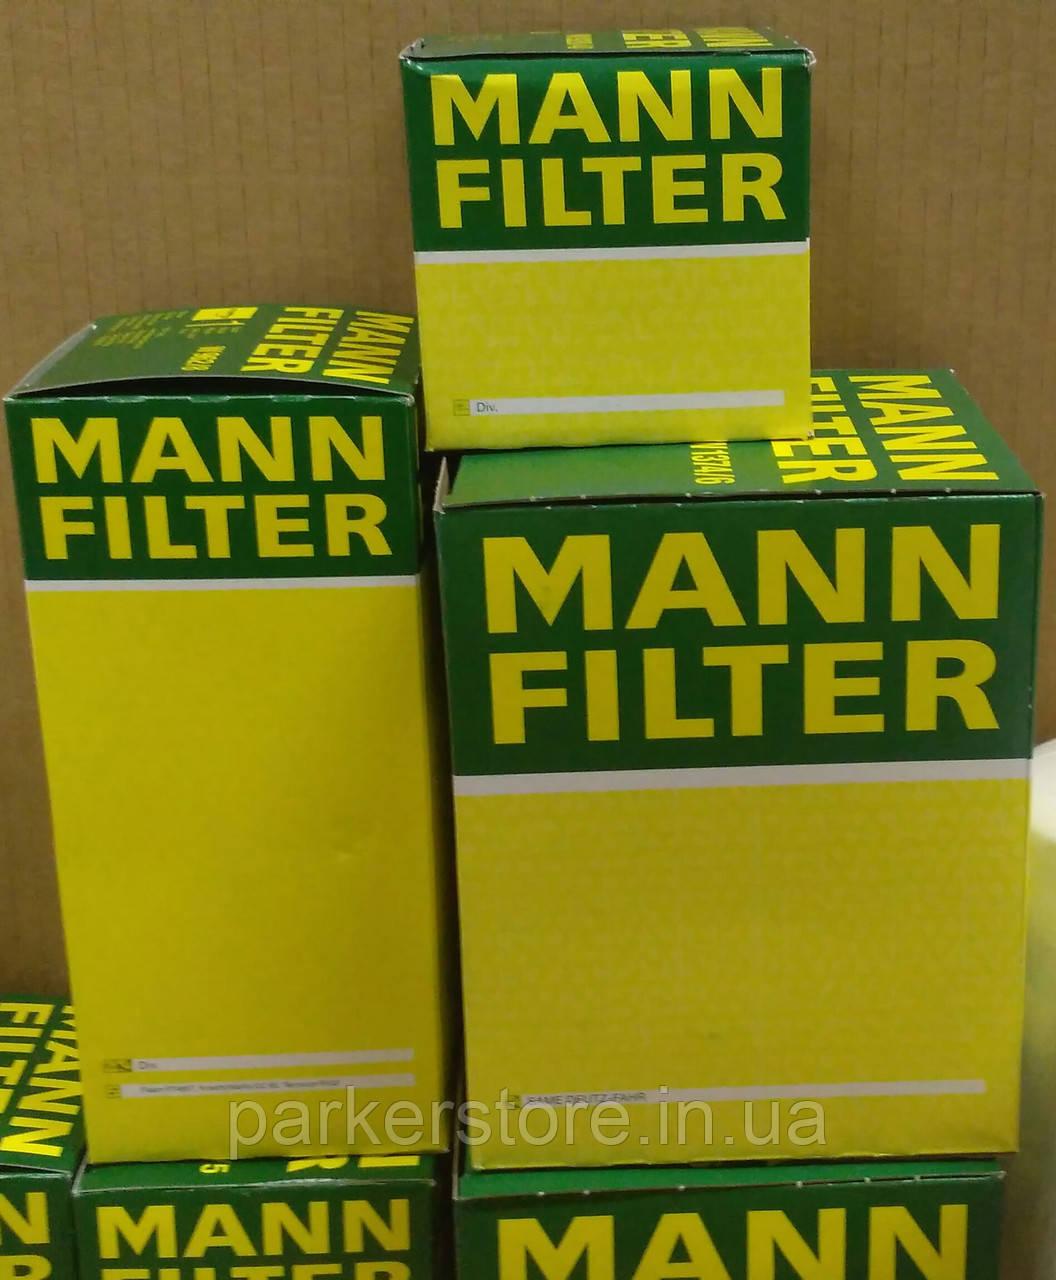 MANN FILTER / Повітряний фільтр / C 14 130 / C14130